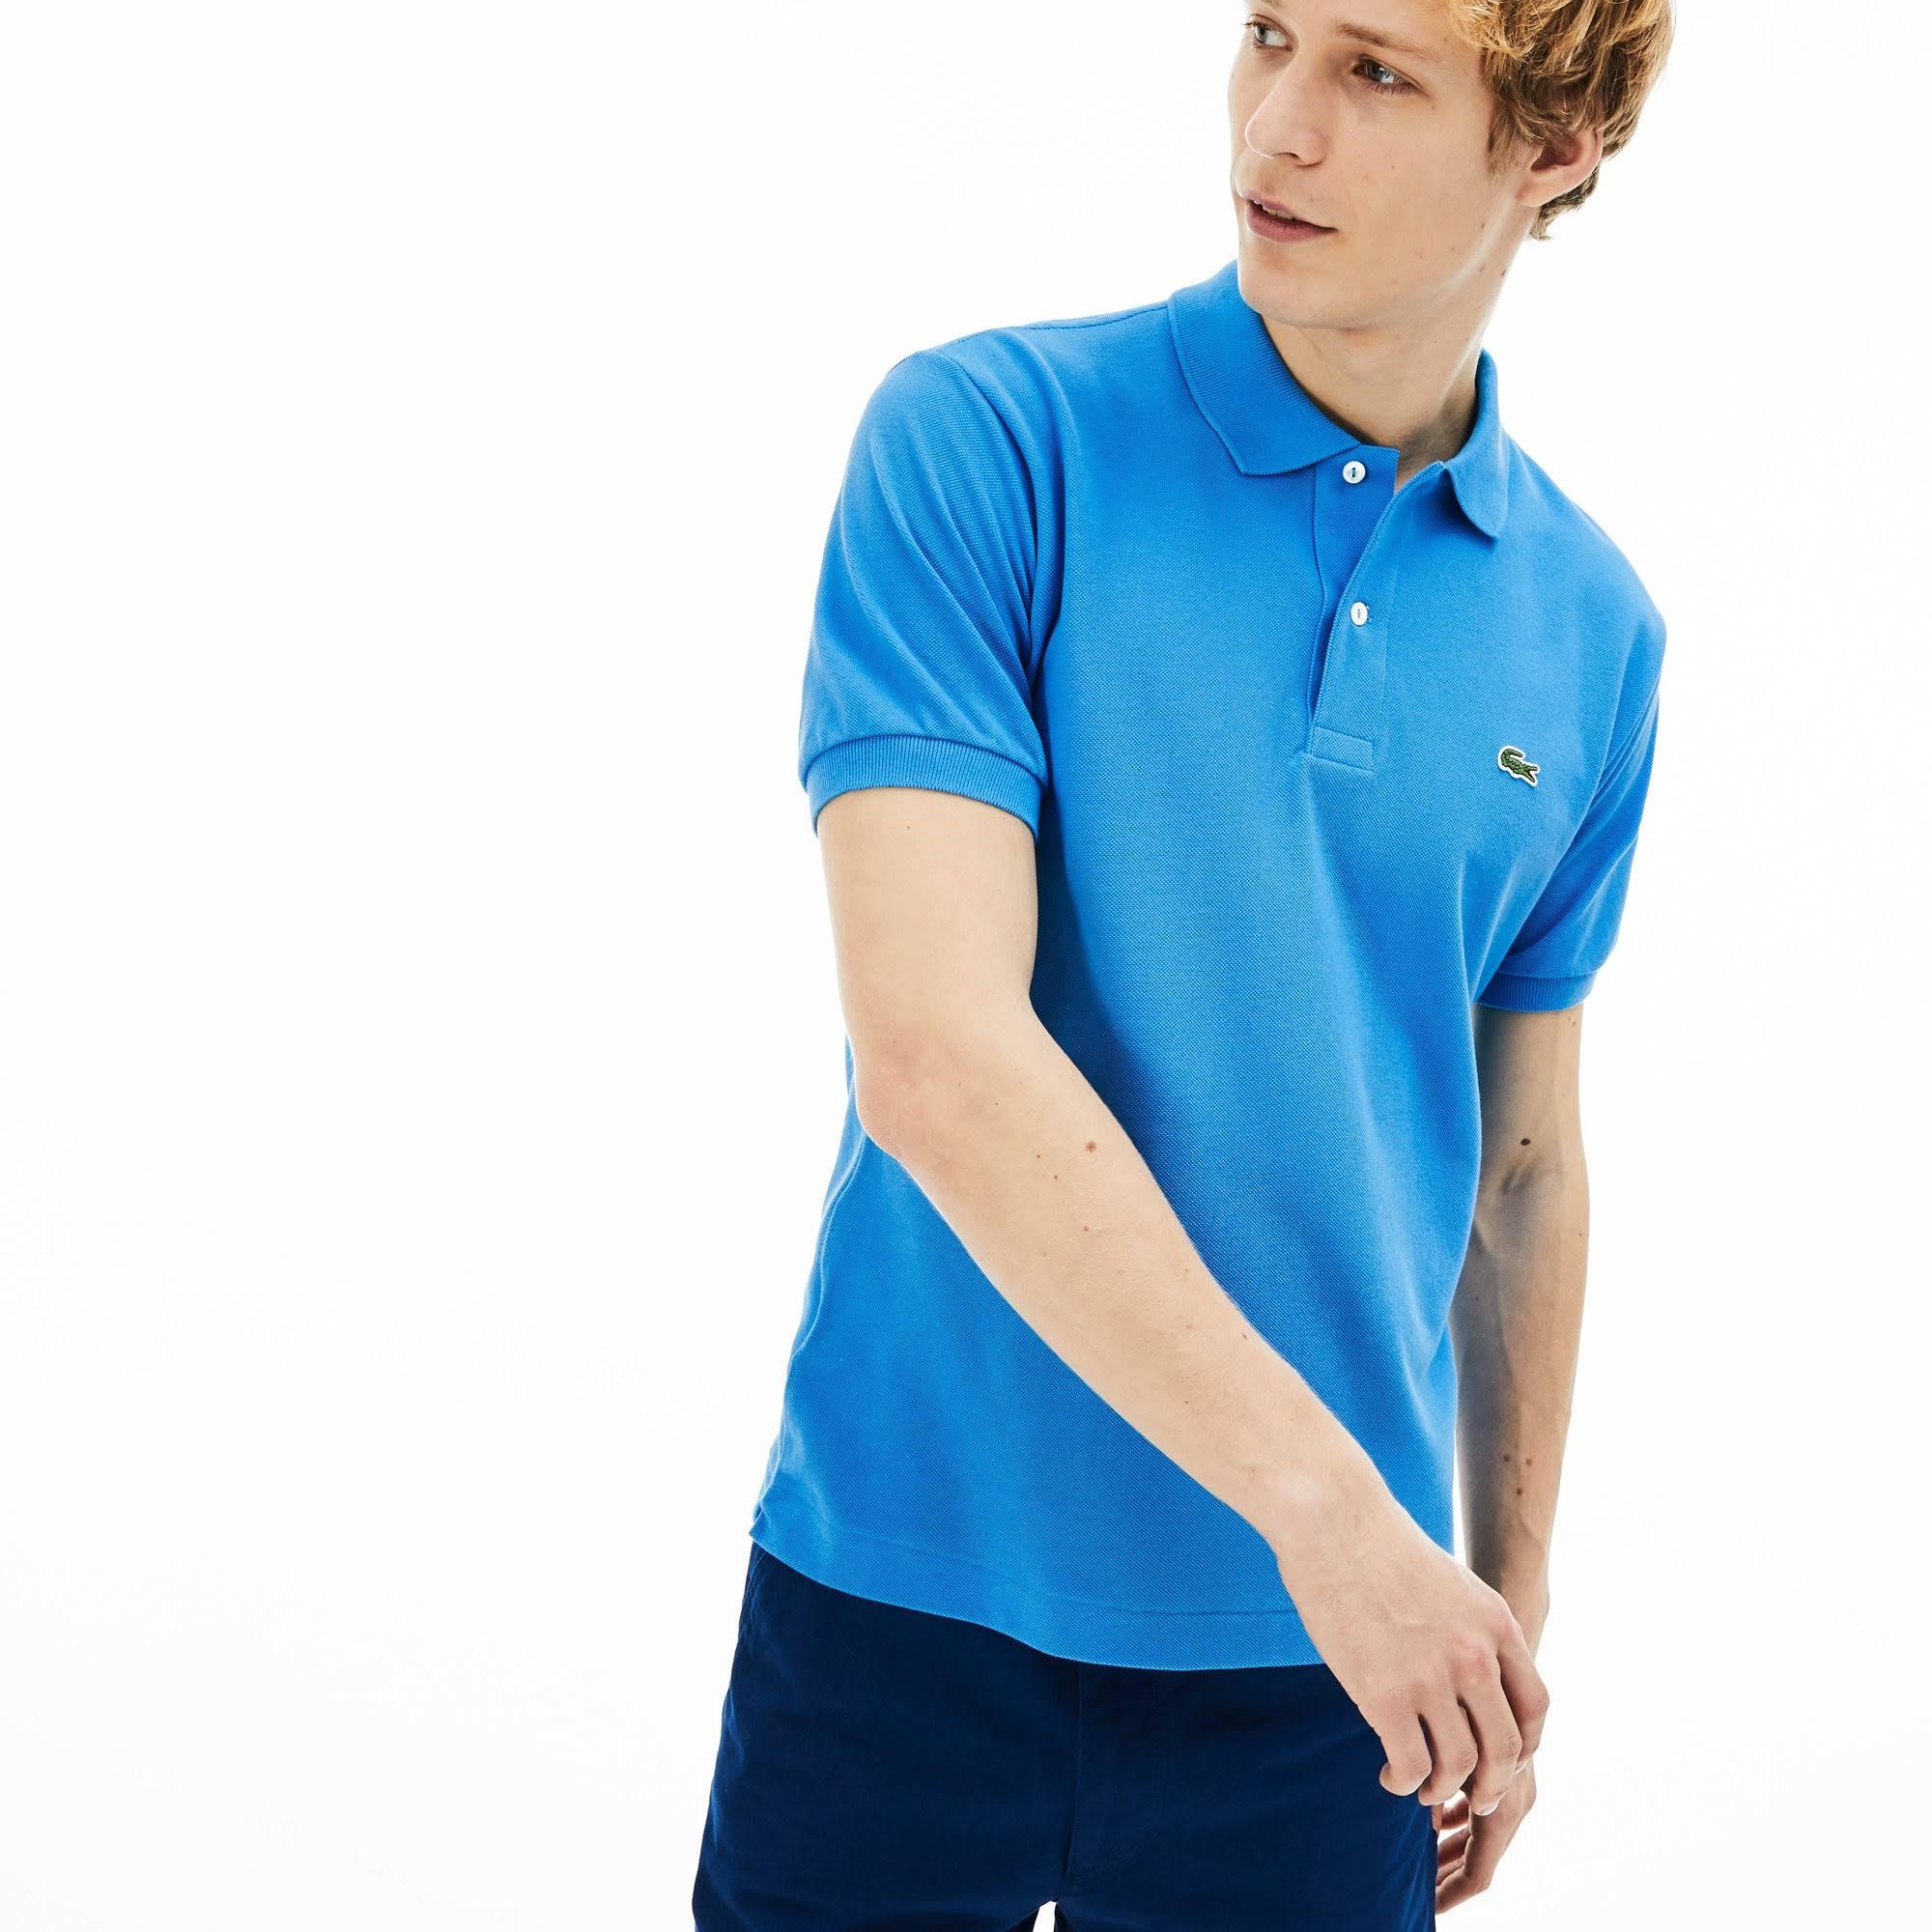 Unicolor L Lacoste 10 12 Azul 12 5xl Polo zIdnw5qI